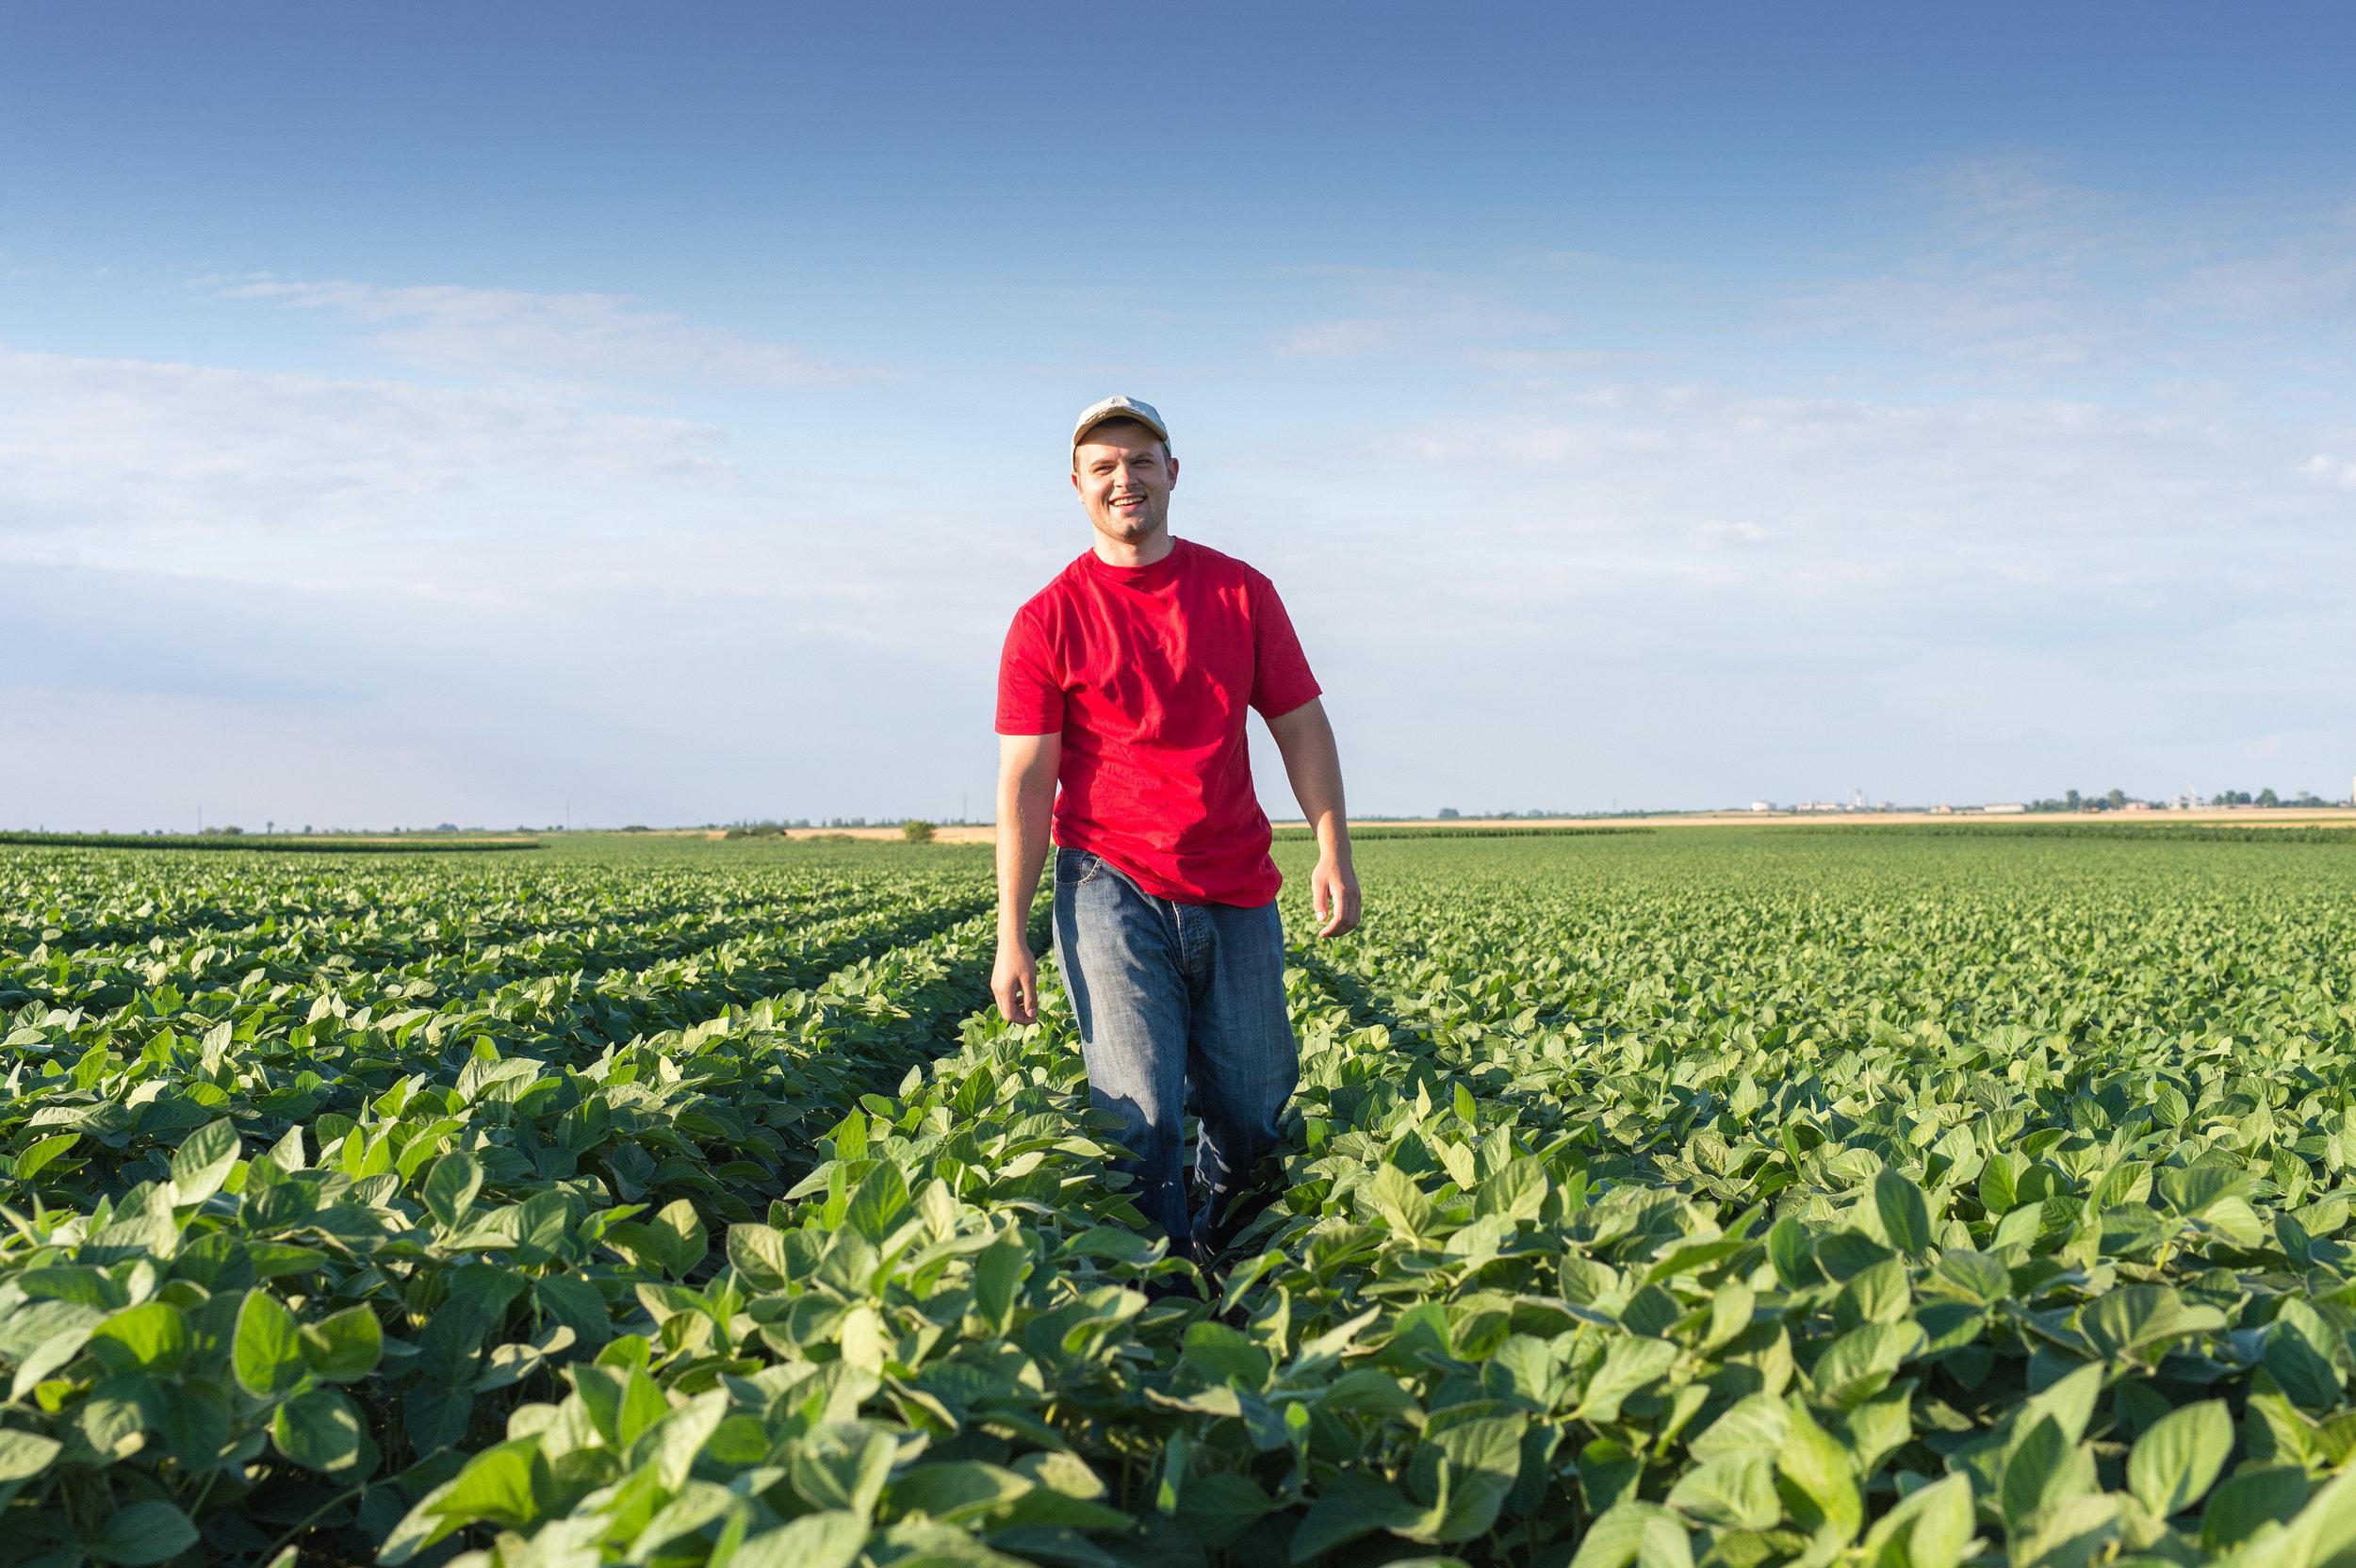 farmer-in-soybean-fields-480619342_4200x2795 (1).jpeg